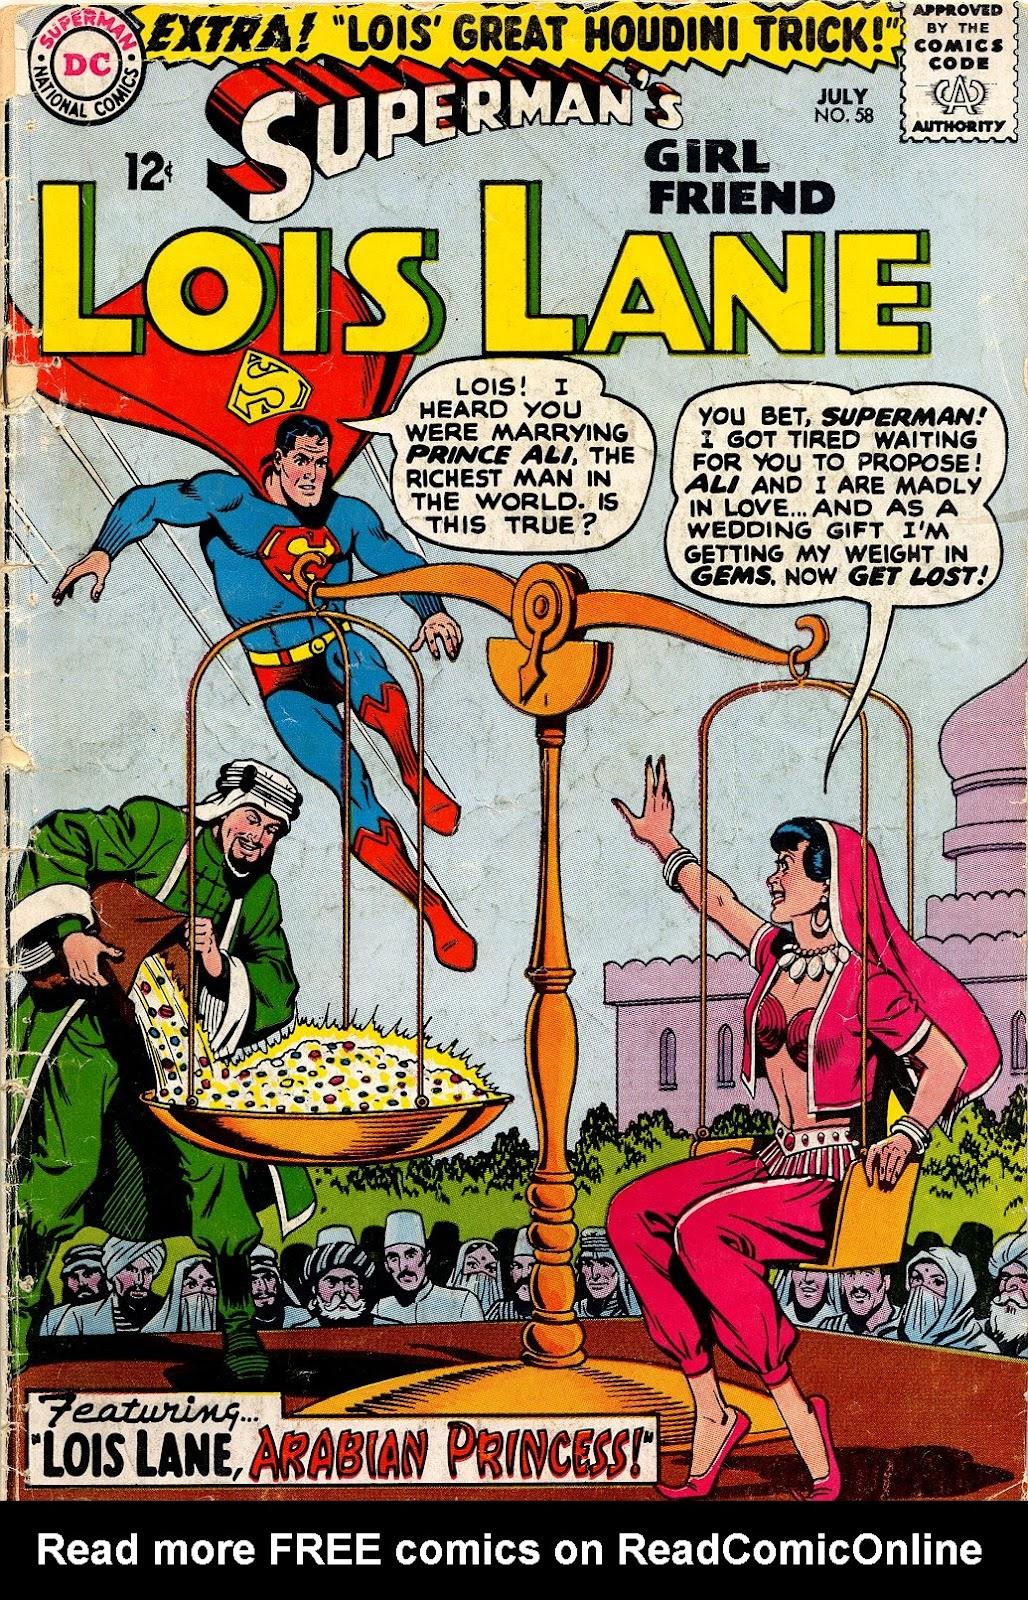 Supermans Girl Friend, Lois Lane 58 Page 1